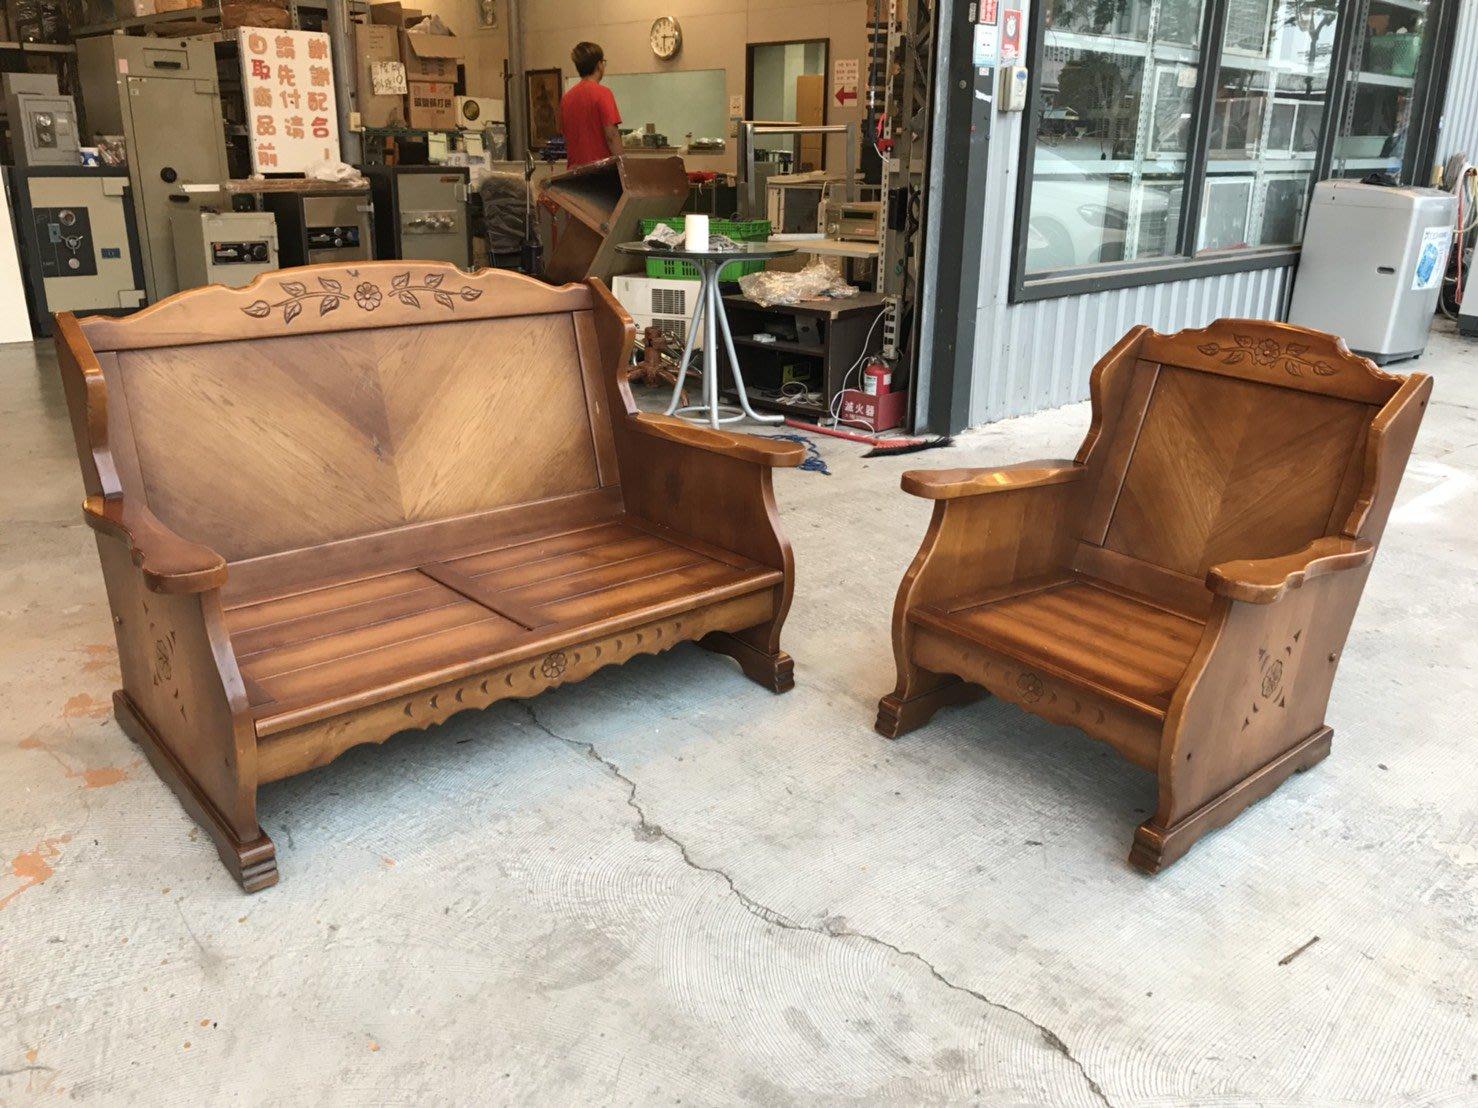 【全國二手傢俱館】實木2+1雕刻木製沙發組/客廳原木沙發組/實木沙發/會客實木沙發組/二手實木沙發/二手原木椅組